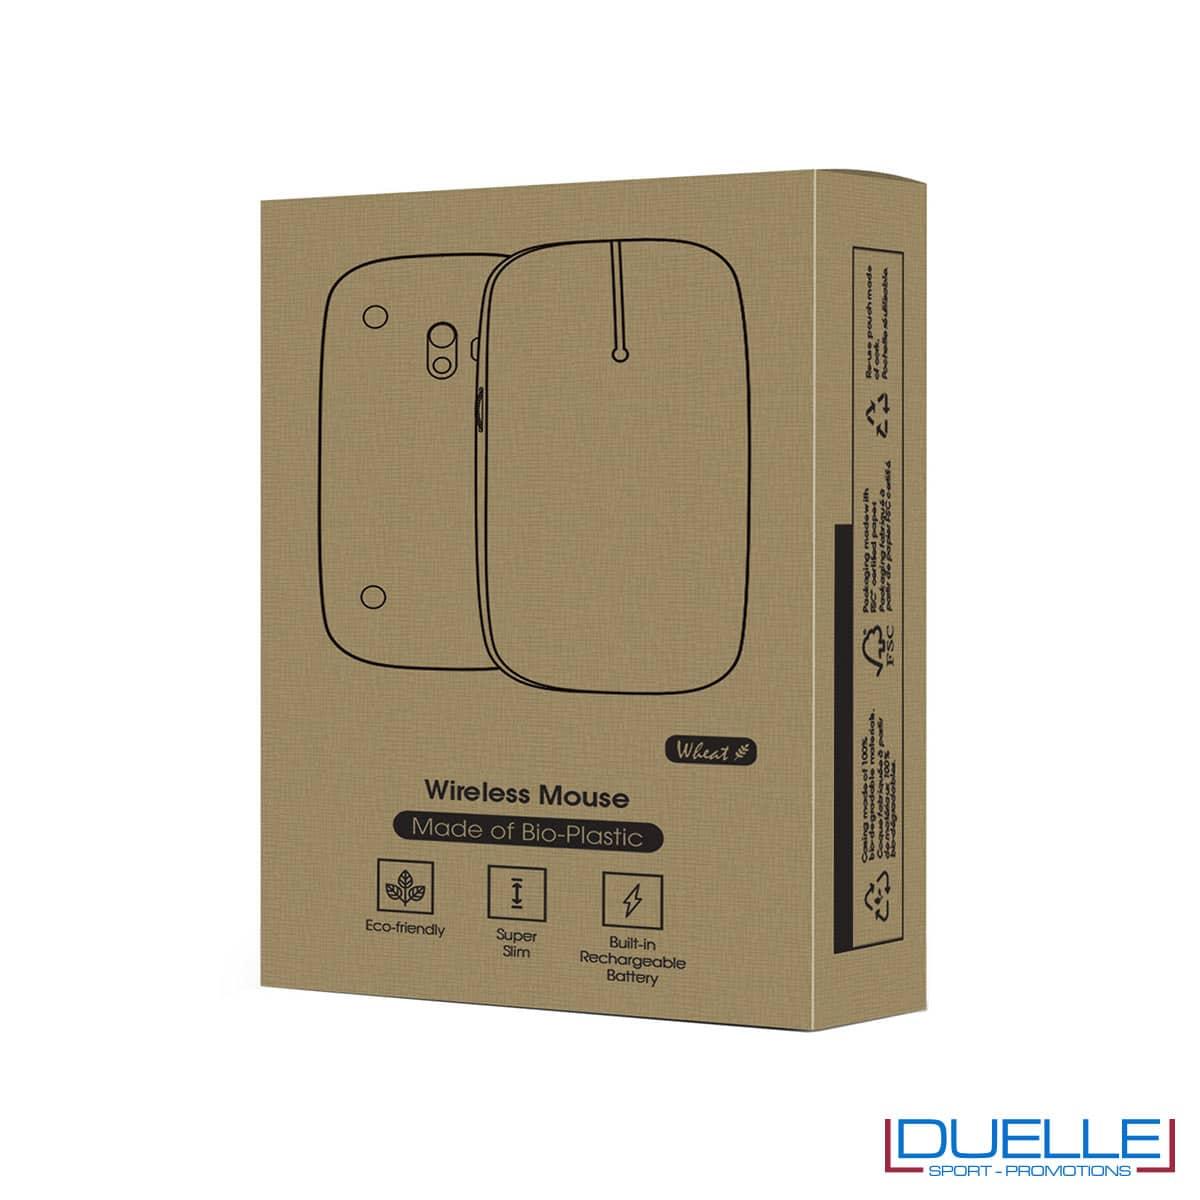 Confezione per Mouse wireless ecologico con luce led